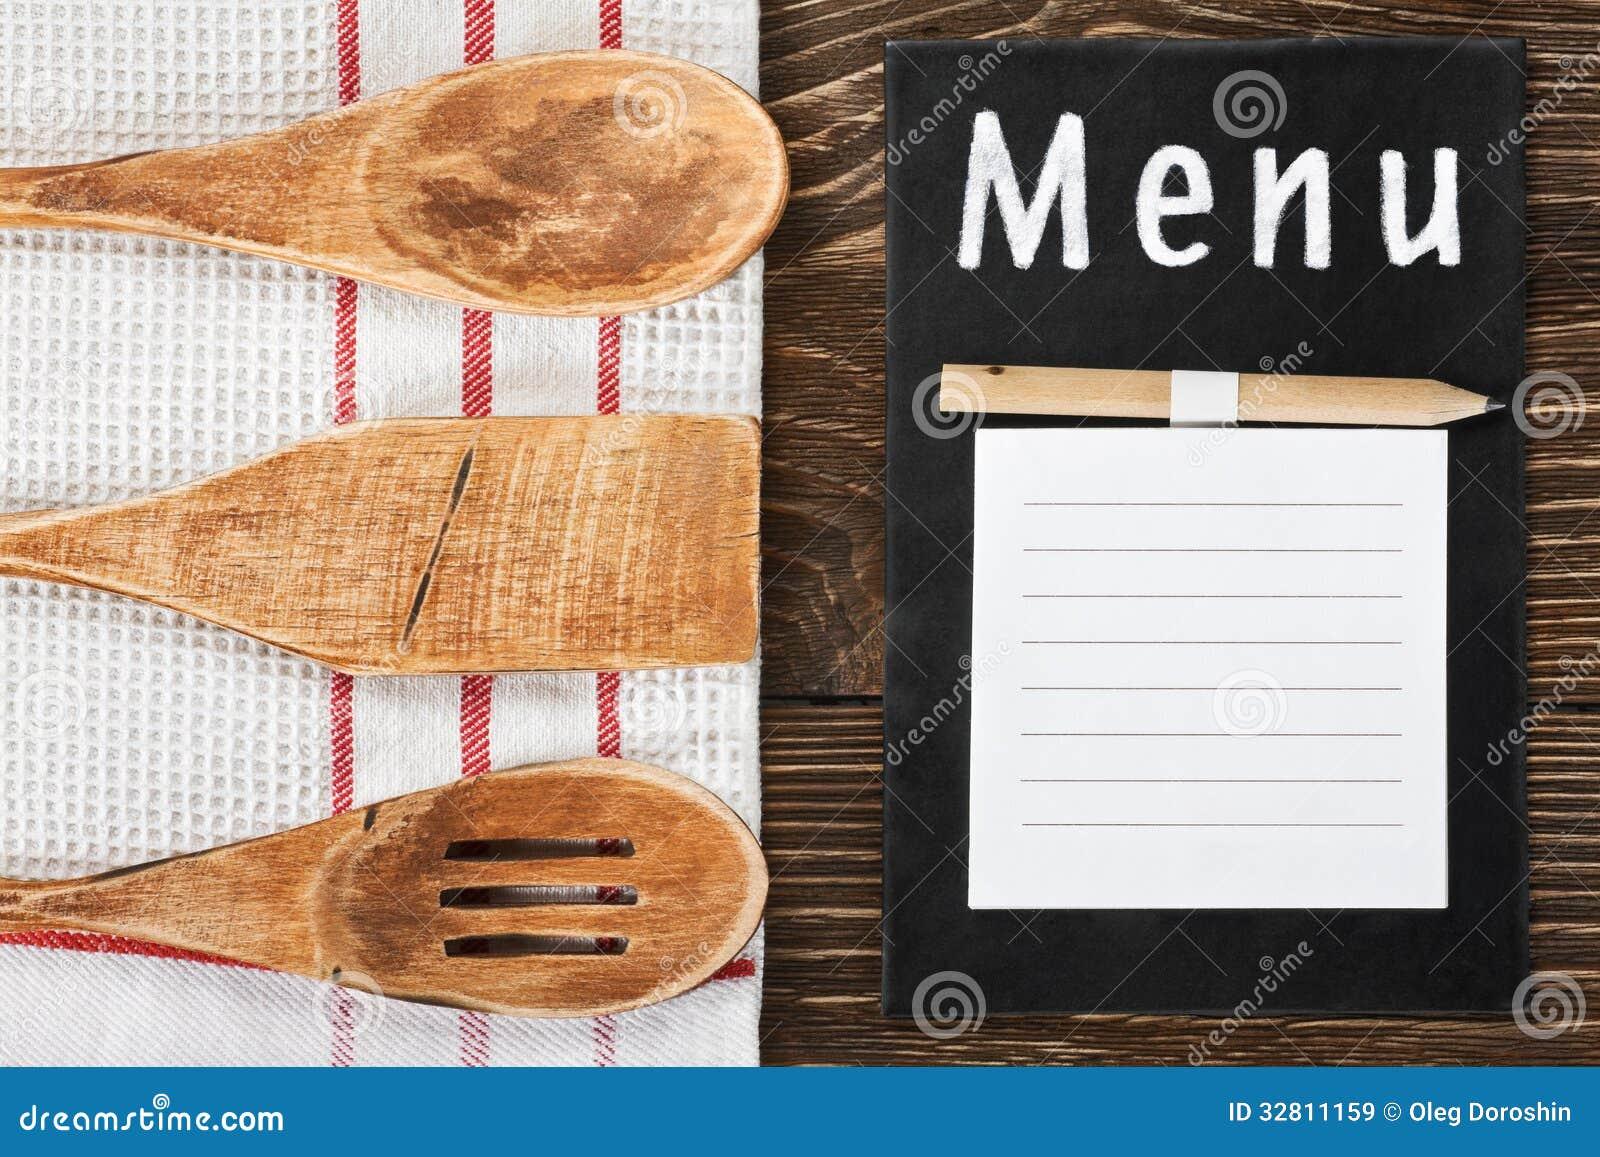 Utensili Della Cucina E Un Blocco Note Per Scrivere Il